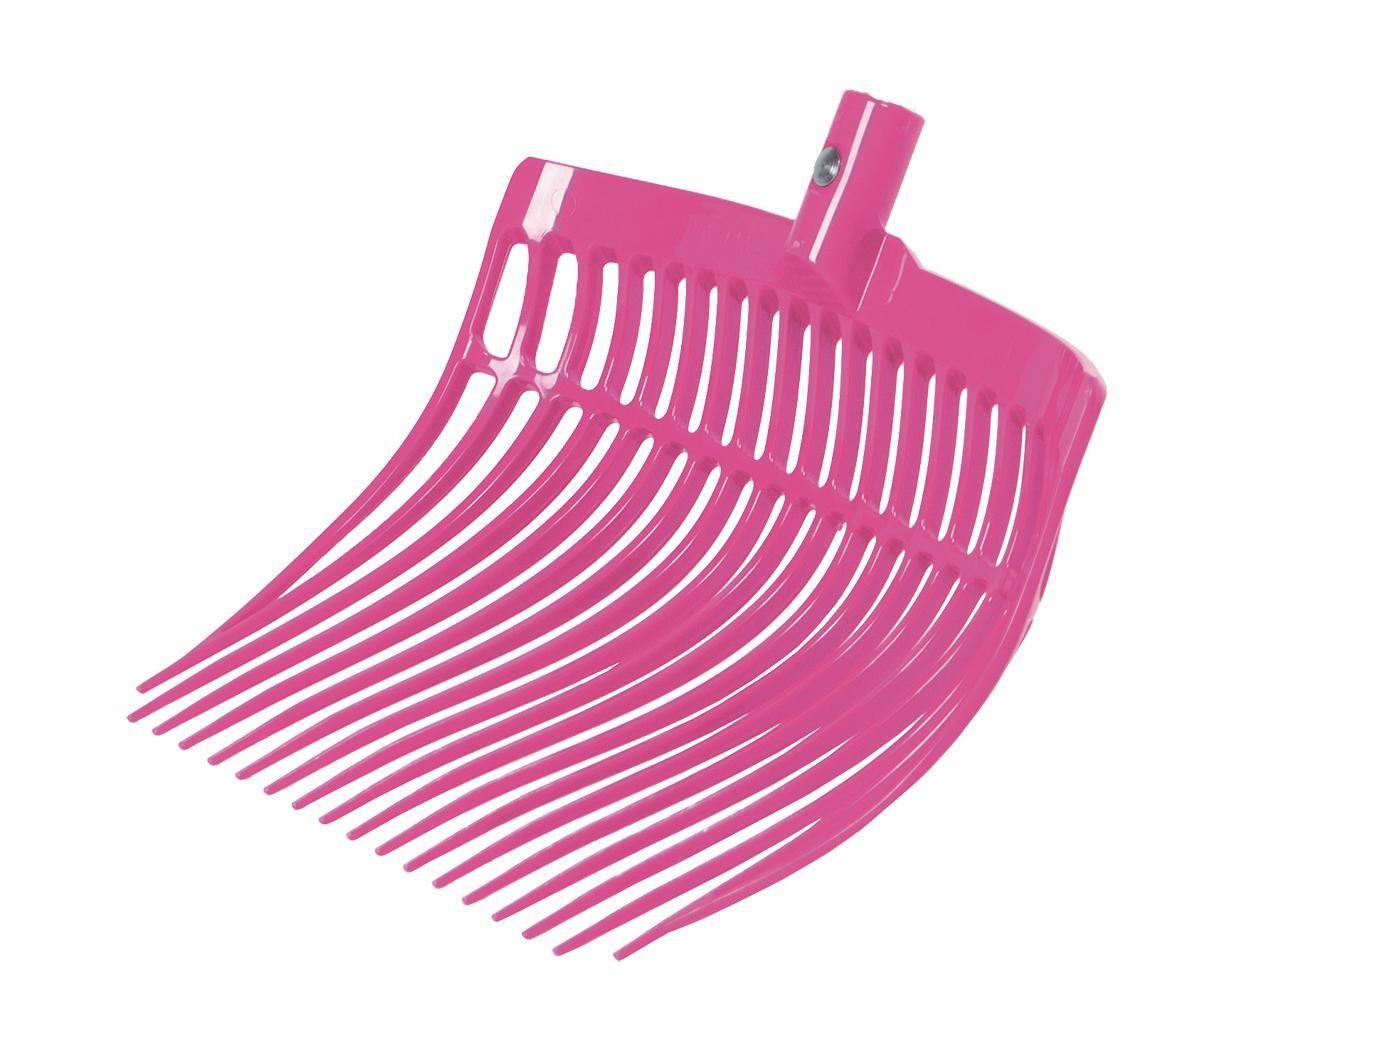 Mistovací vidle SOLID plastové růžové